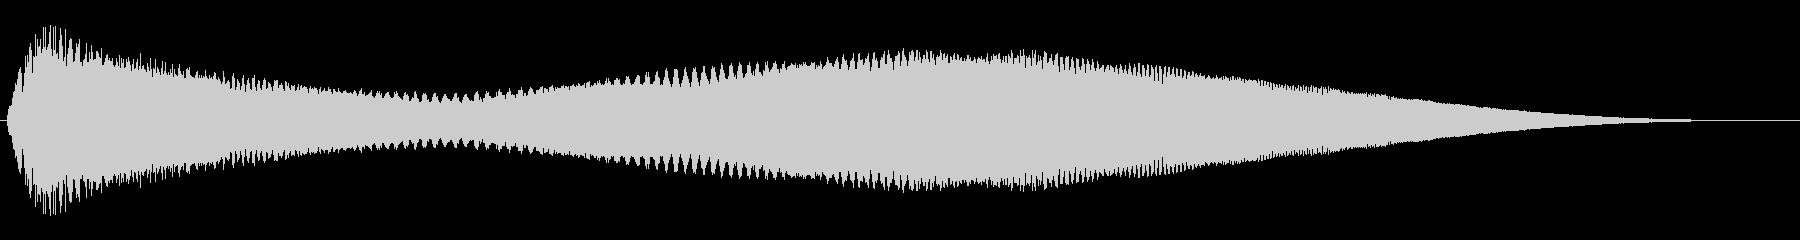 クワァァァン(ワープなど)の未再生の波形